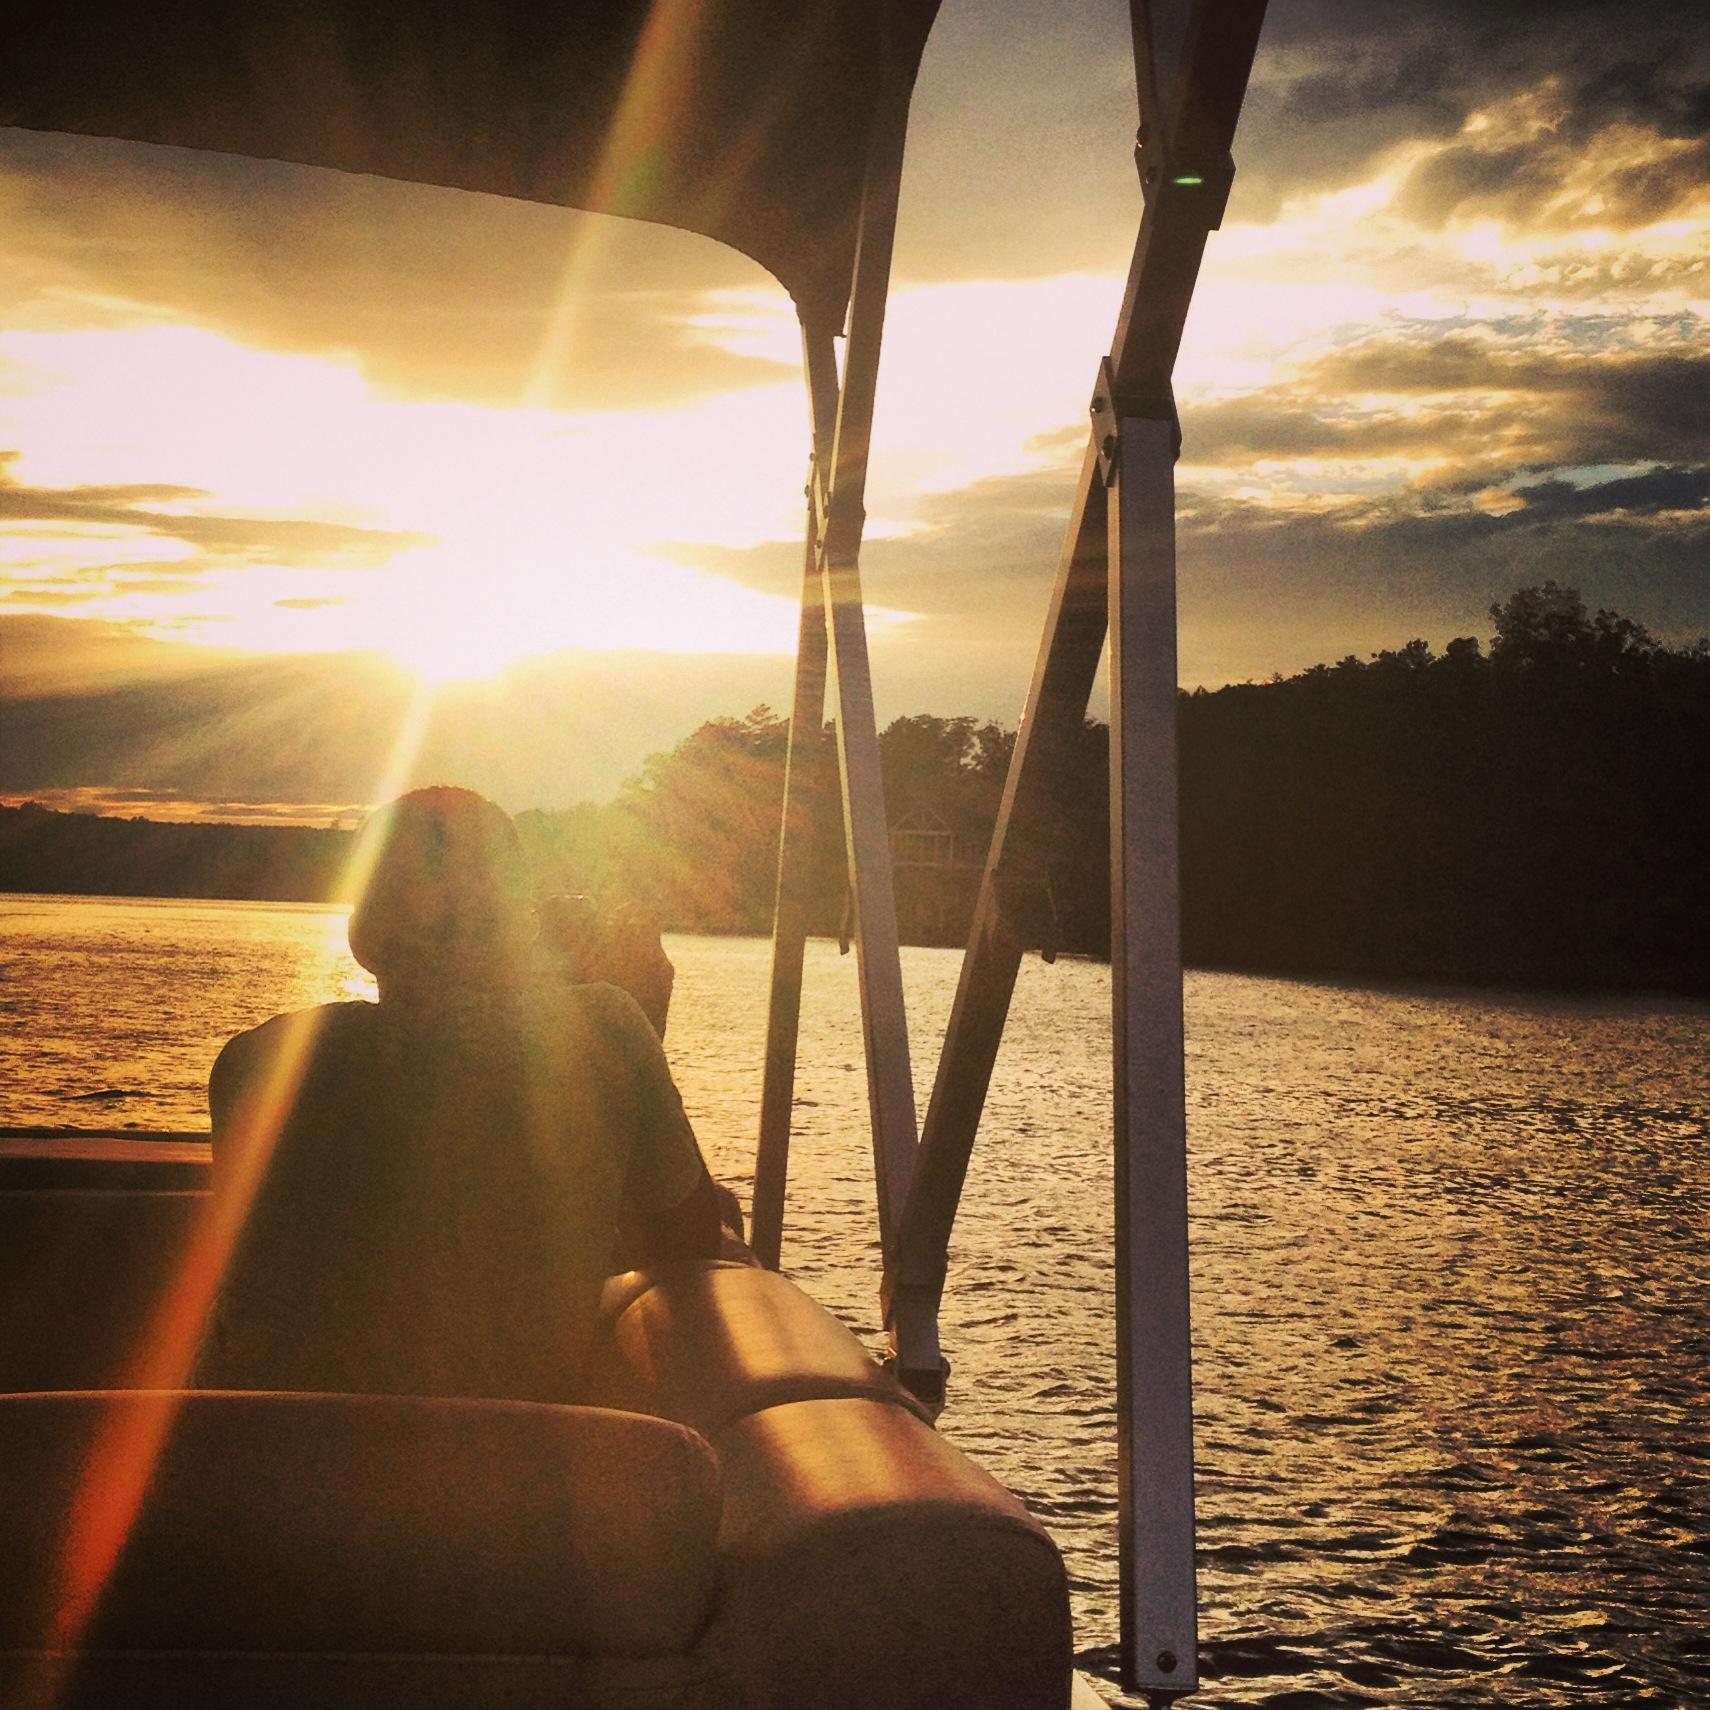 sunset-at-lake-hyco.JPG